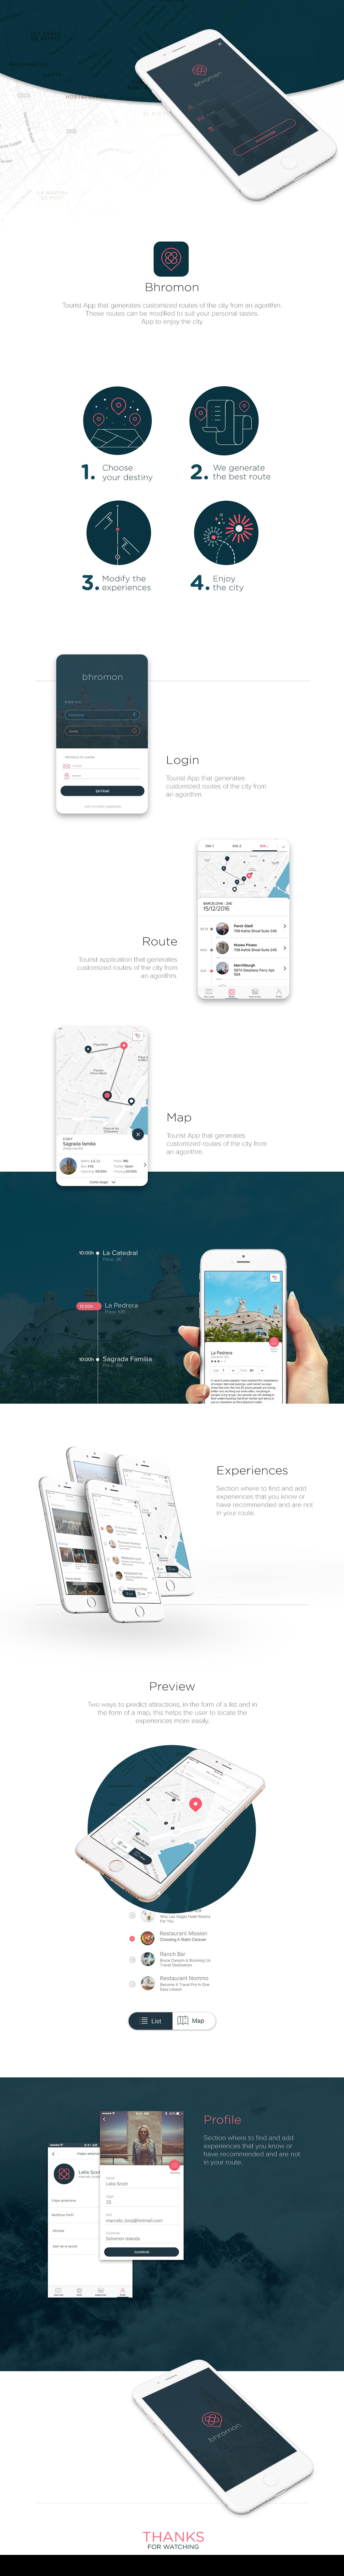 app aplication turism turism app UI UIX Interface